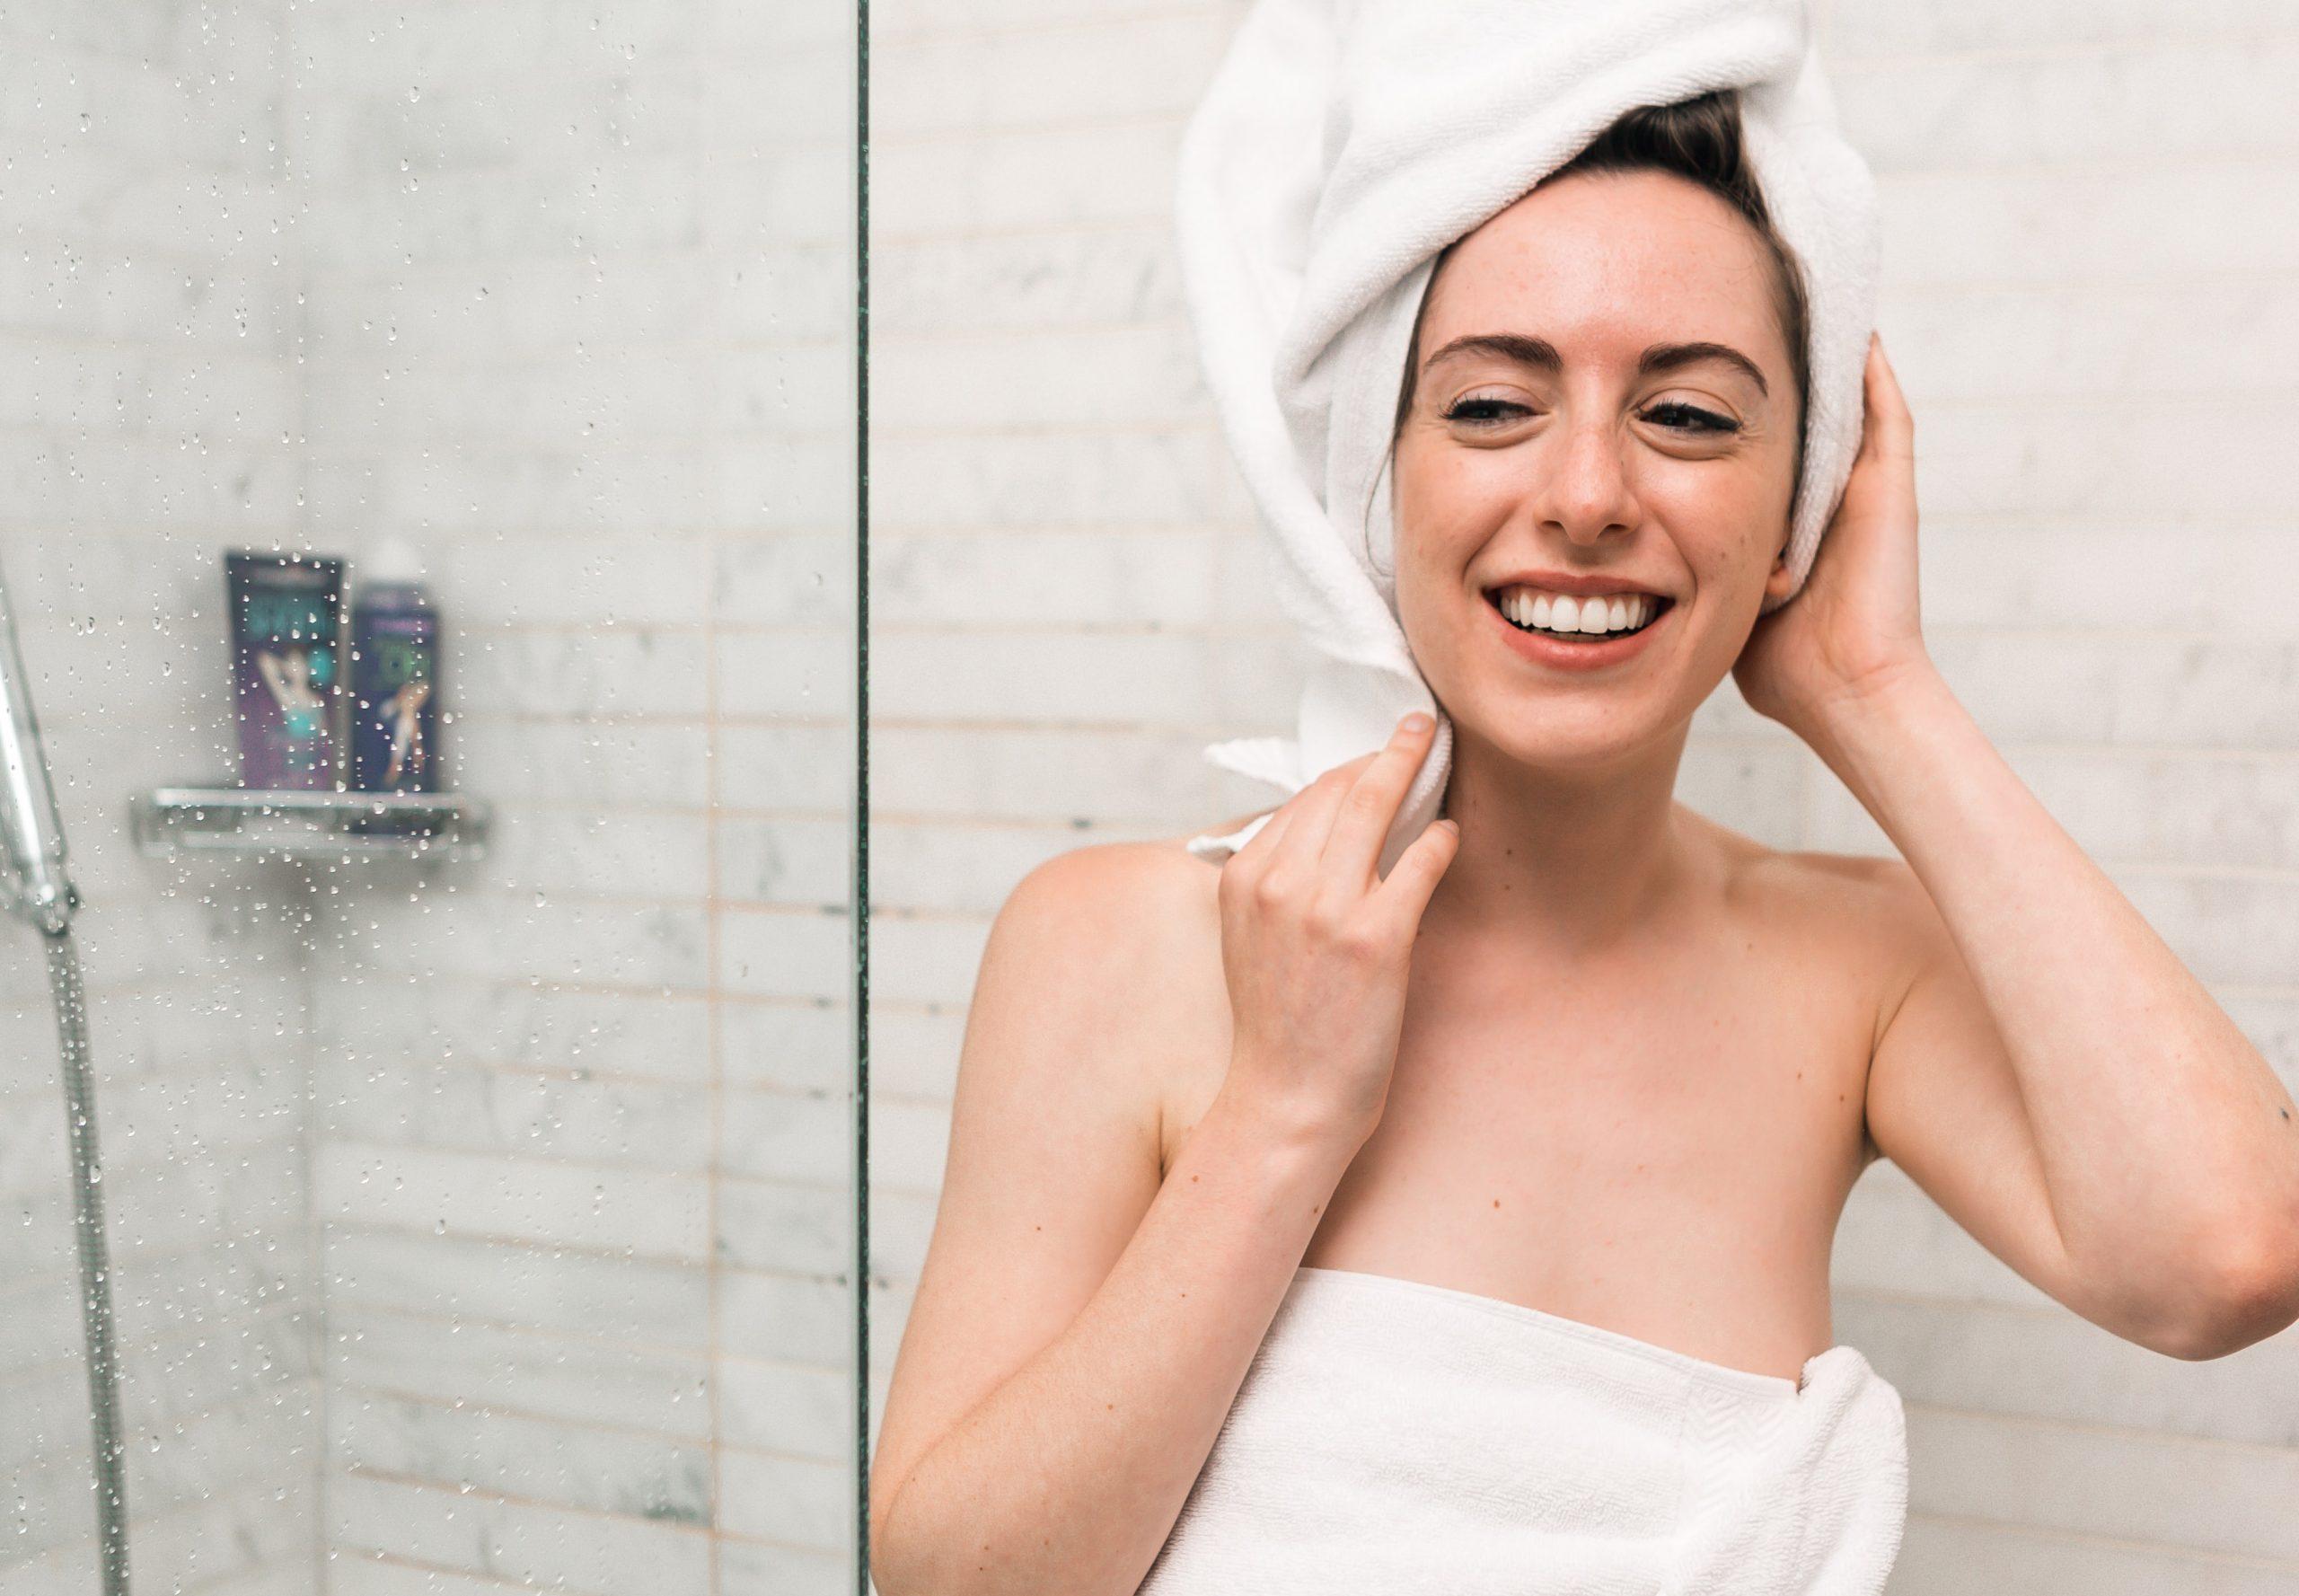 hidegterápia-zuhany